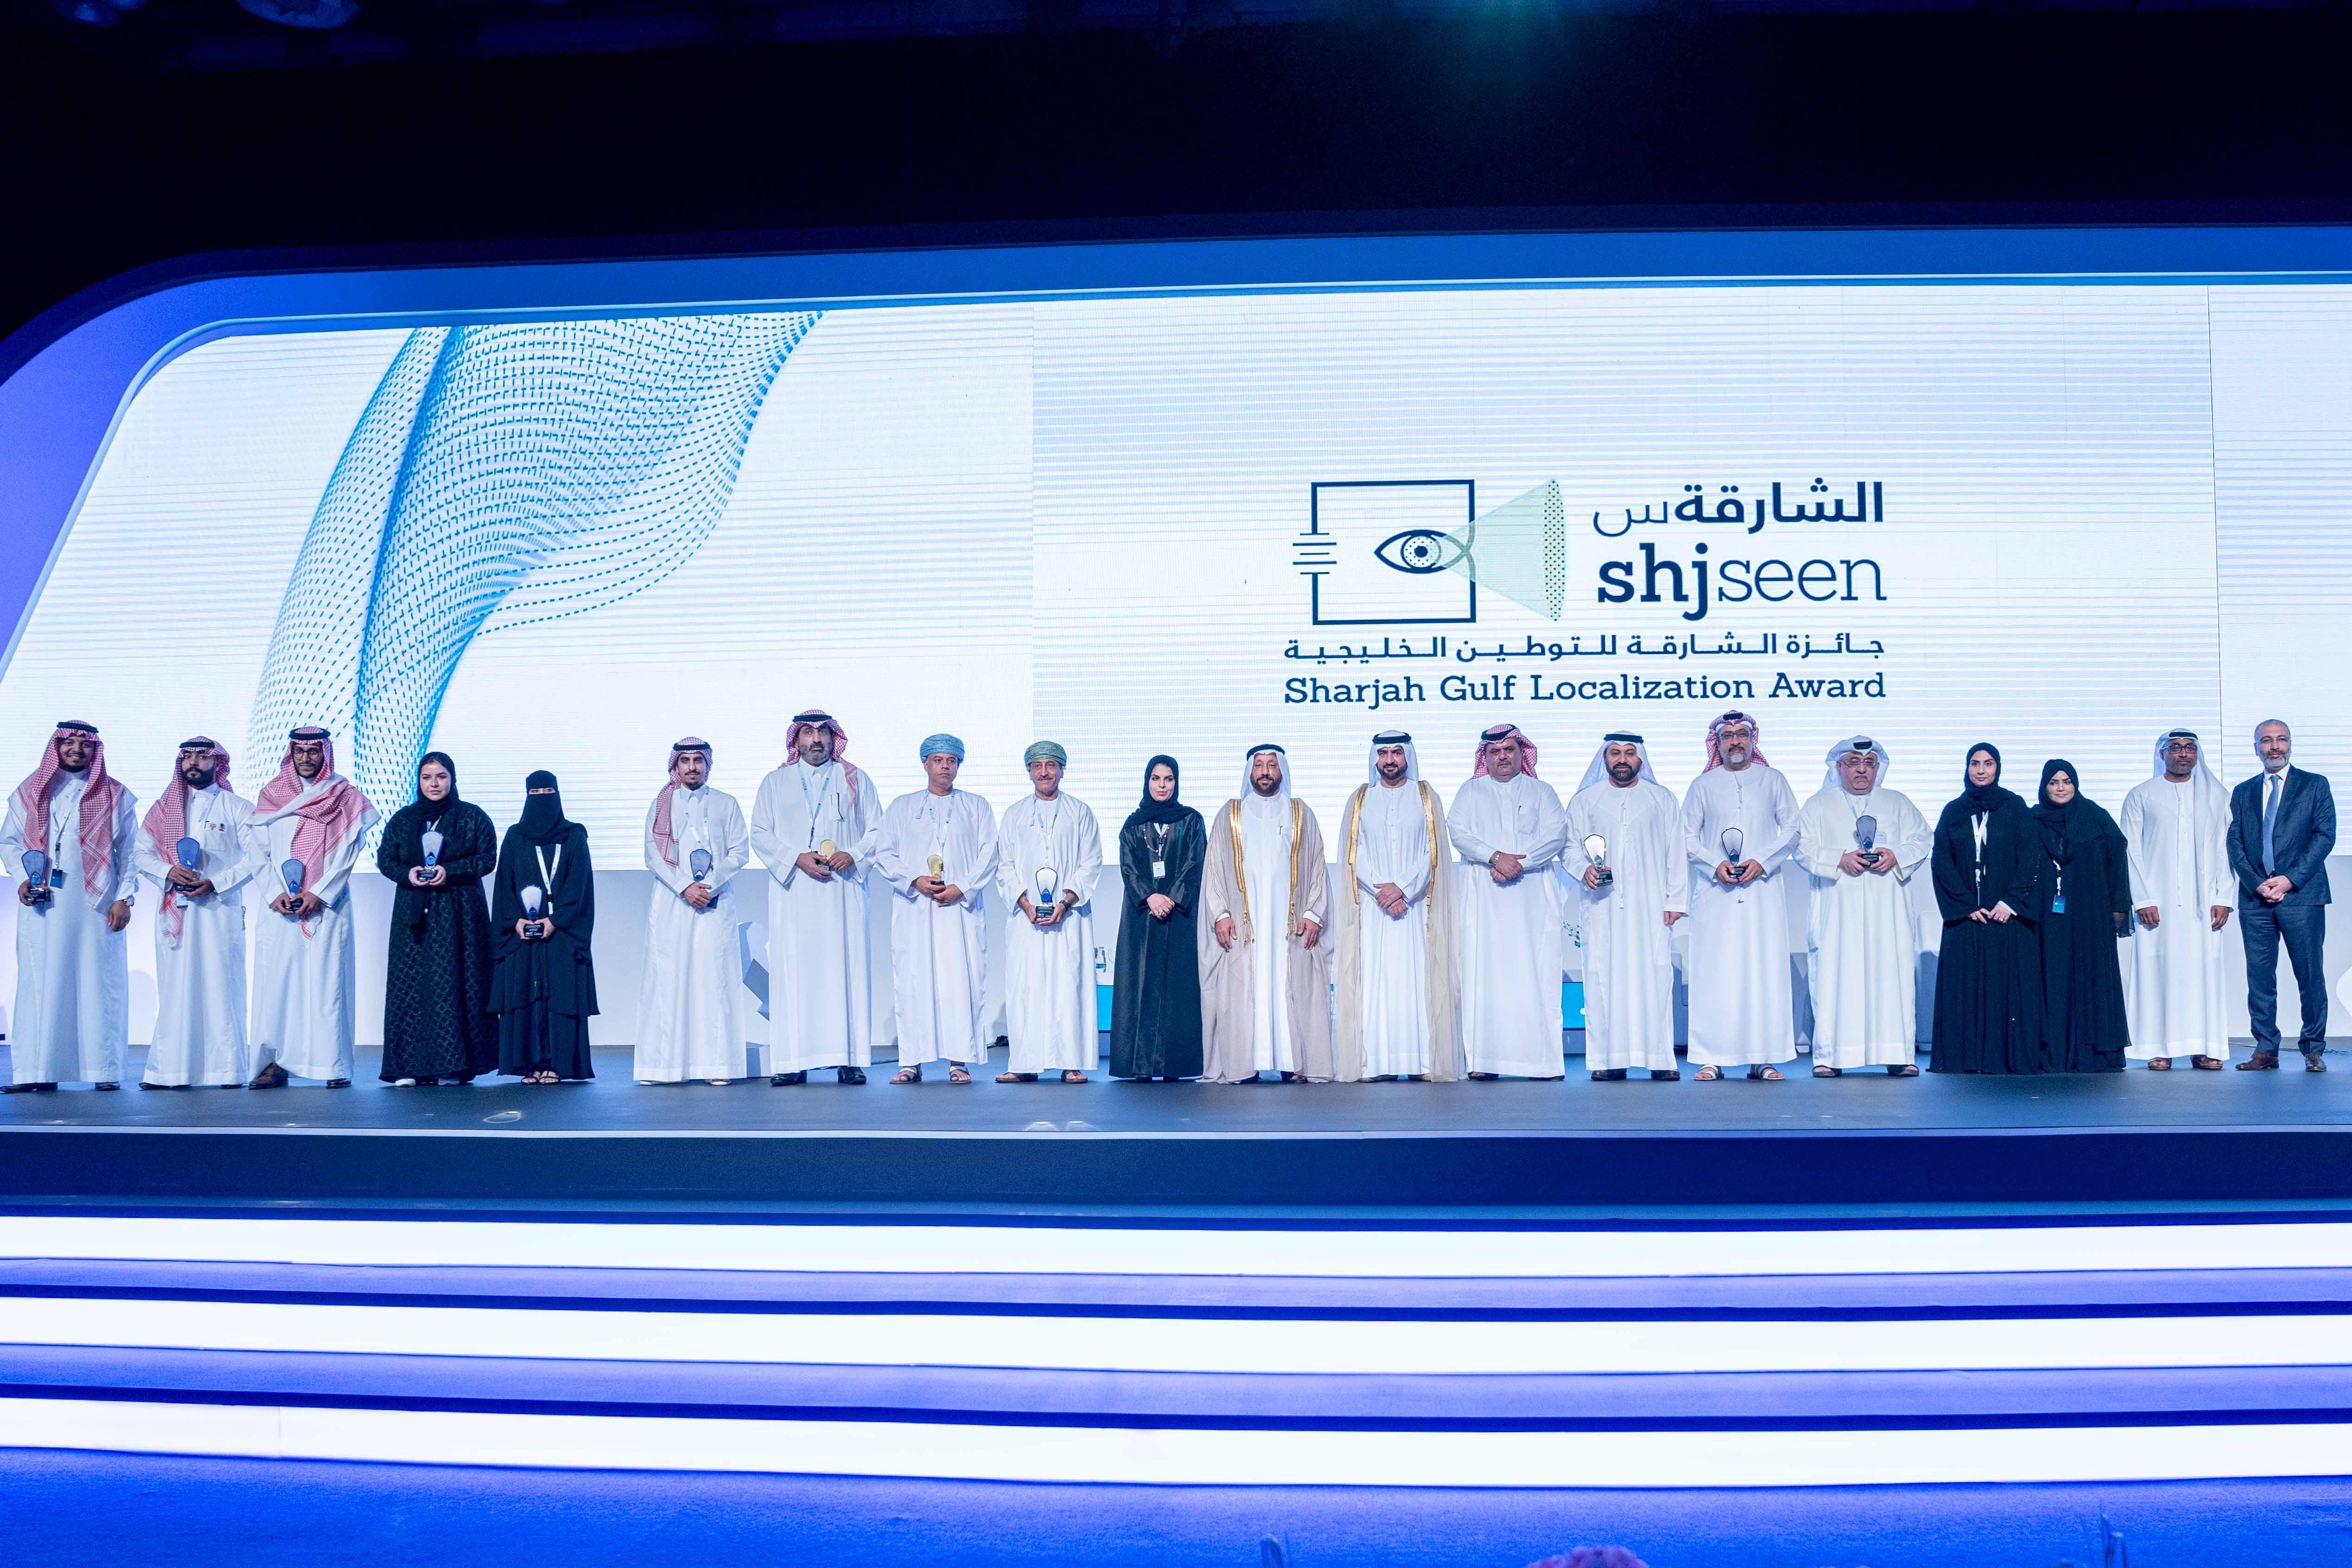 عبدالله بن سالم القاسمي يشهد انطلاق أعمال الدورة السادسة لمؤتمر الموارد البشرية وسوق العمل بدول مجلس التعاون